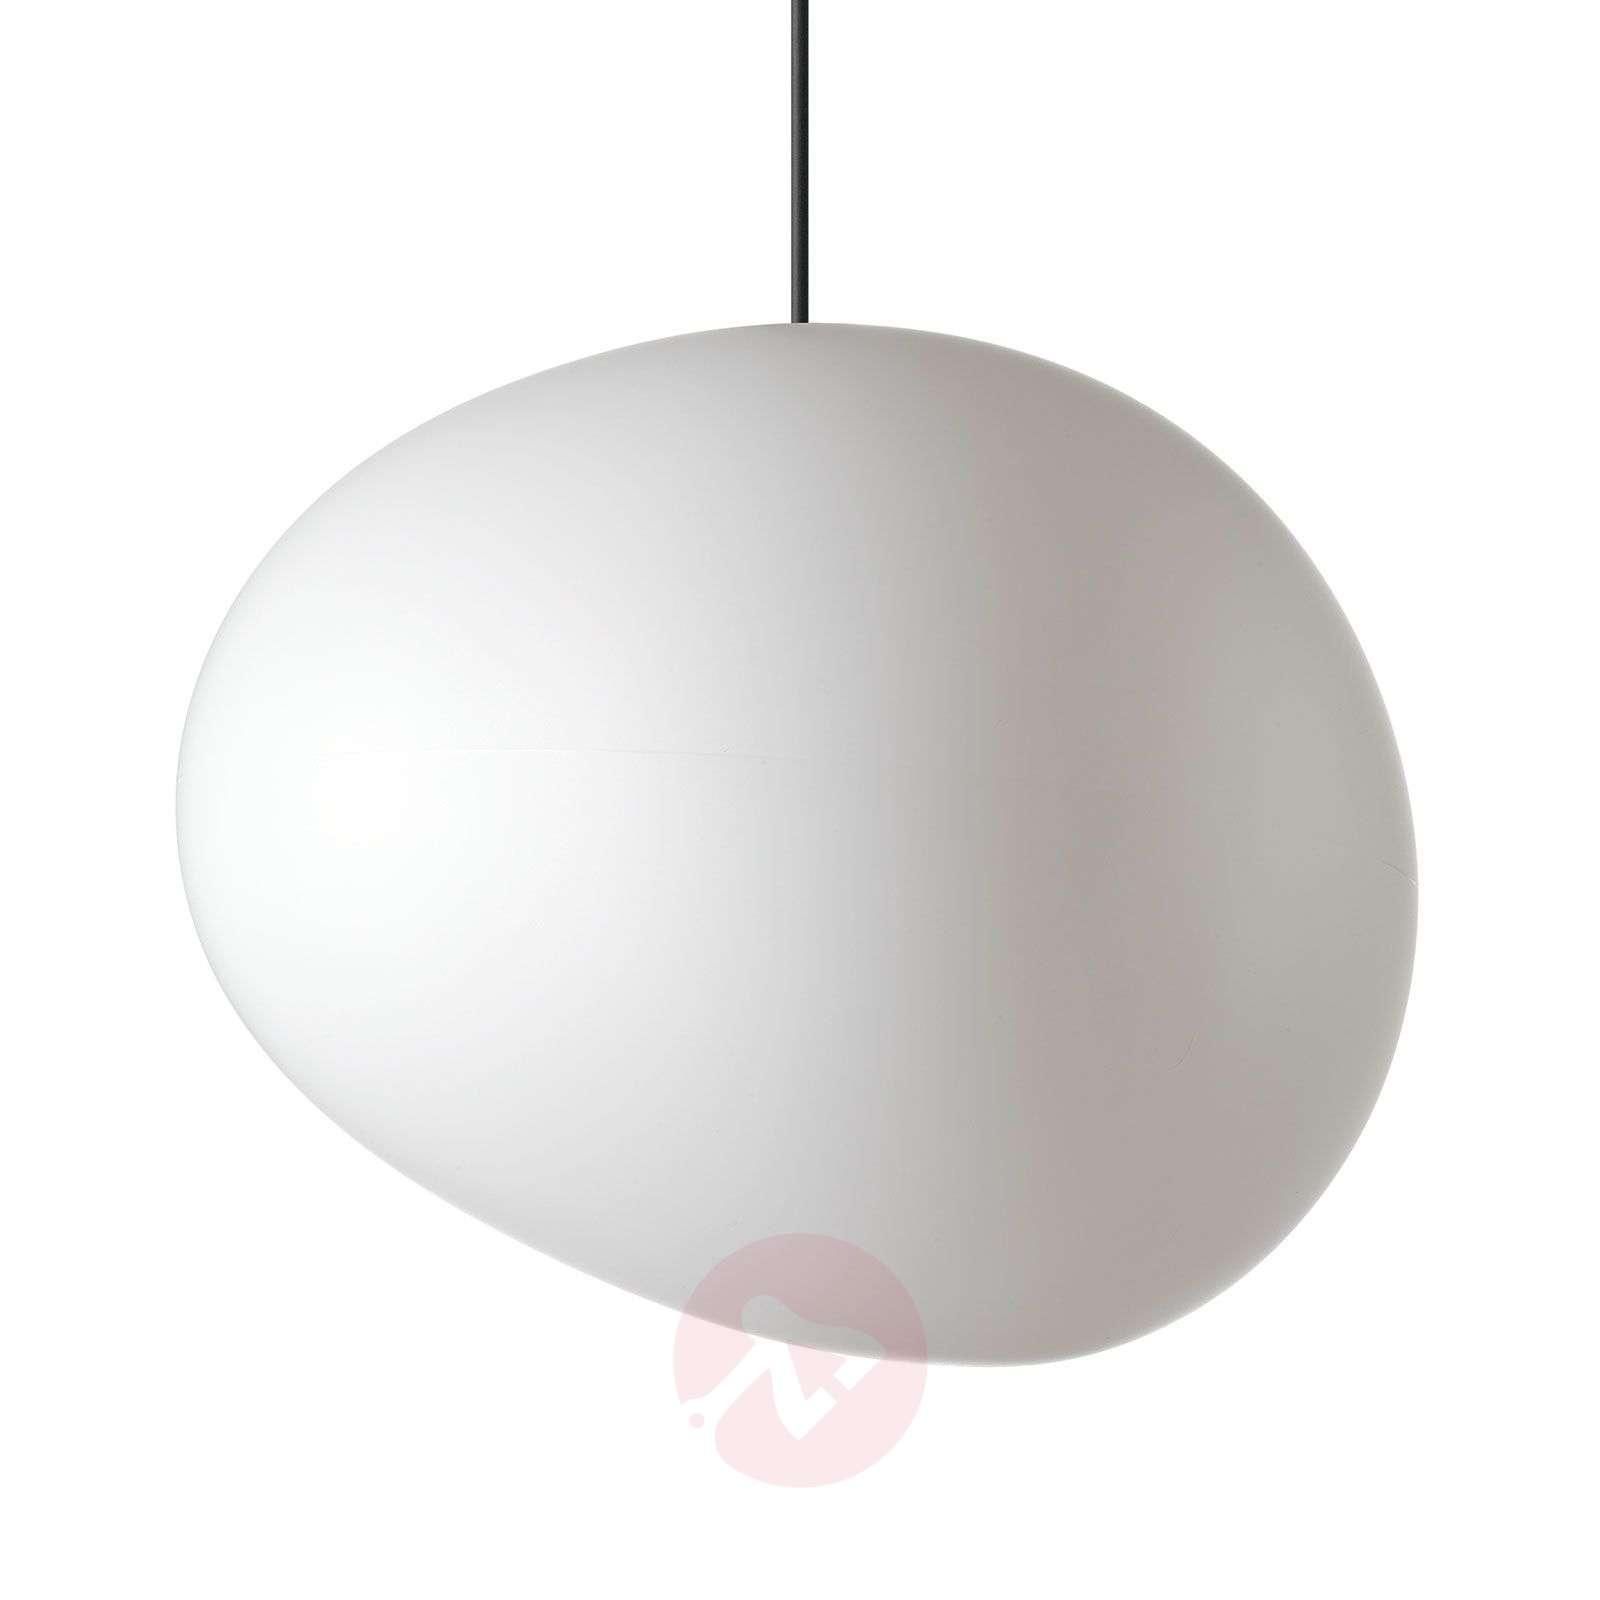 Foscarini MyLight Gregg media LED-riippuvalaisin-3560174-01